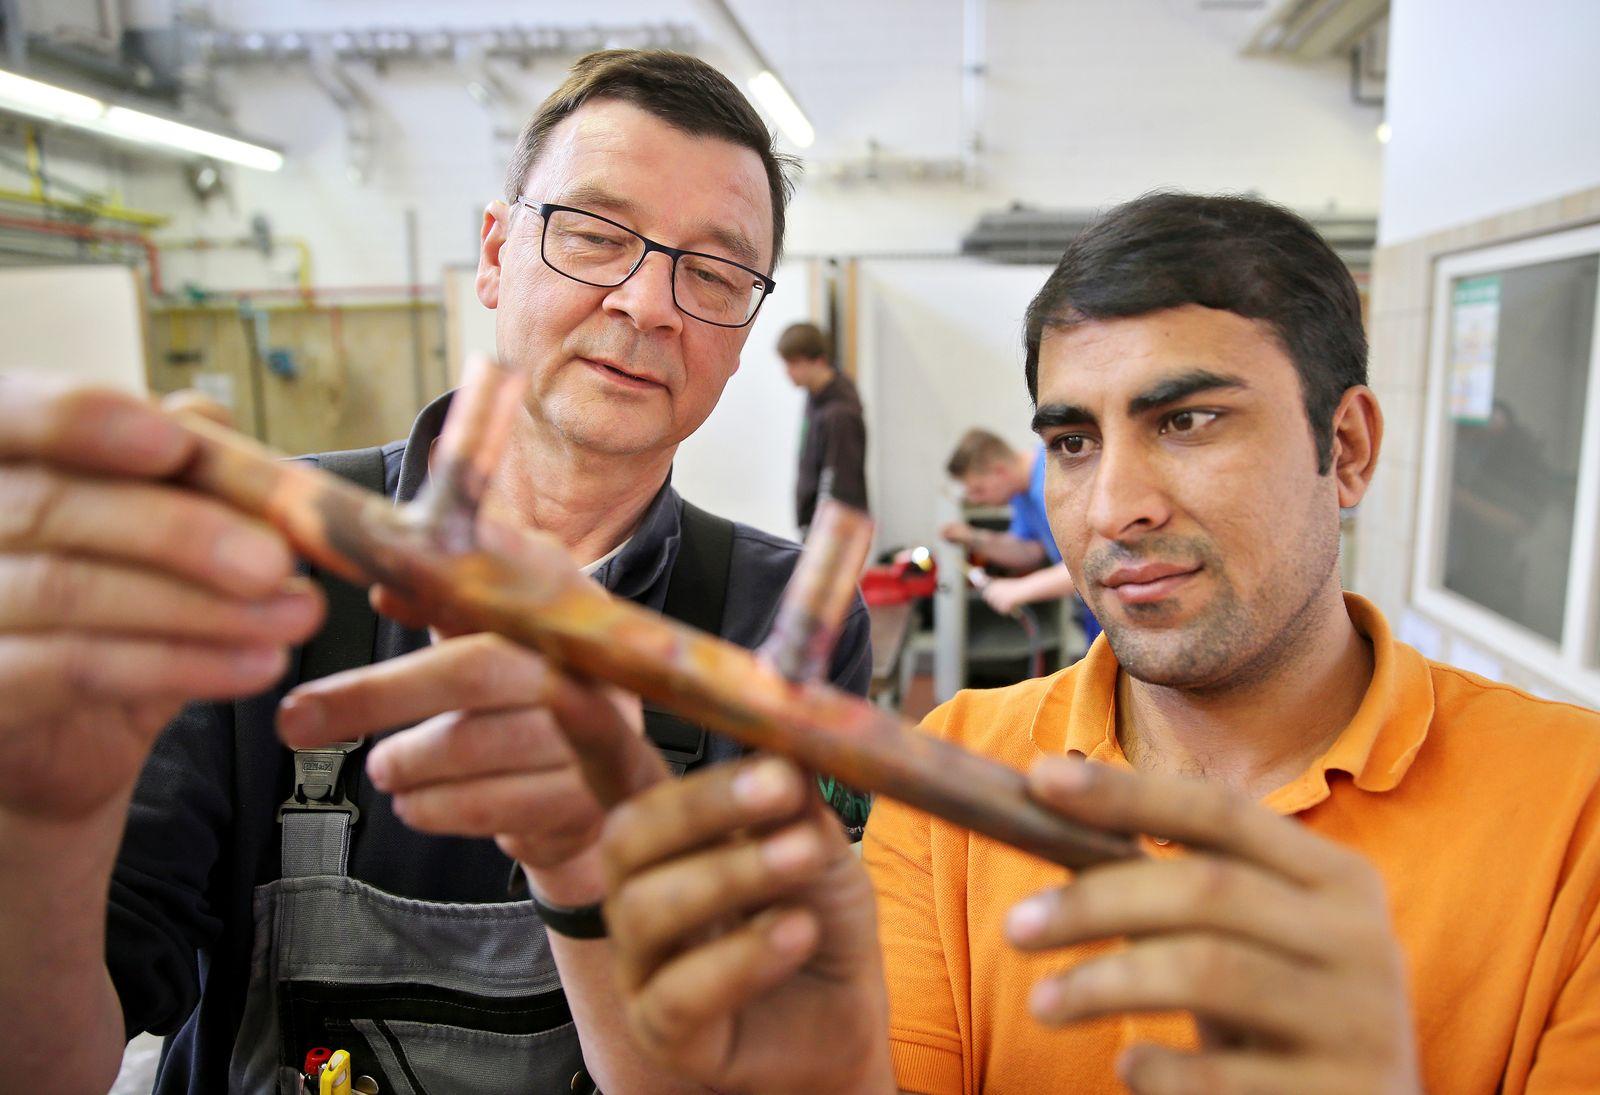 Flüchtling als Lehrling in Chemnitz / Azubi / Flüchtlinge